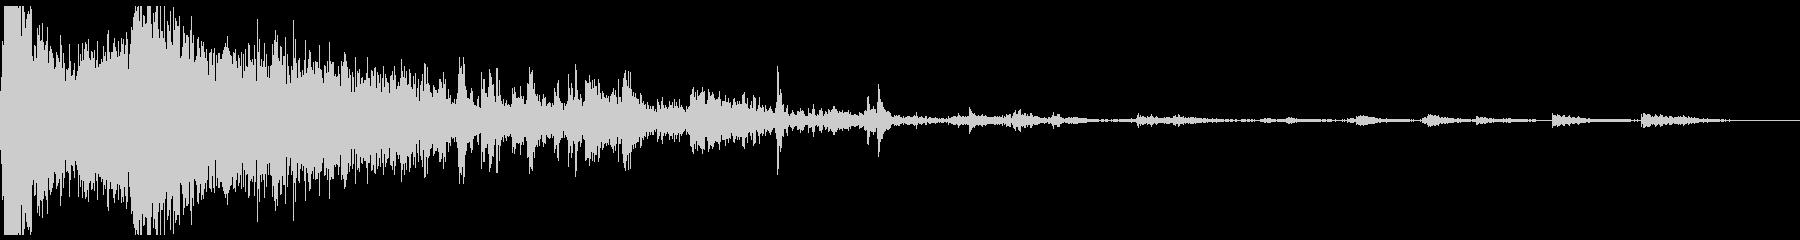 ジャンクパイルクラッシュ、デブリス...の未再生の波形